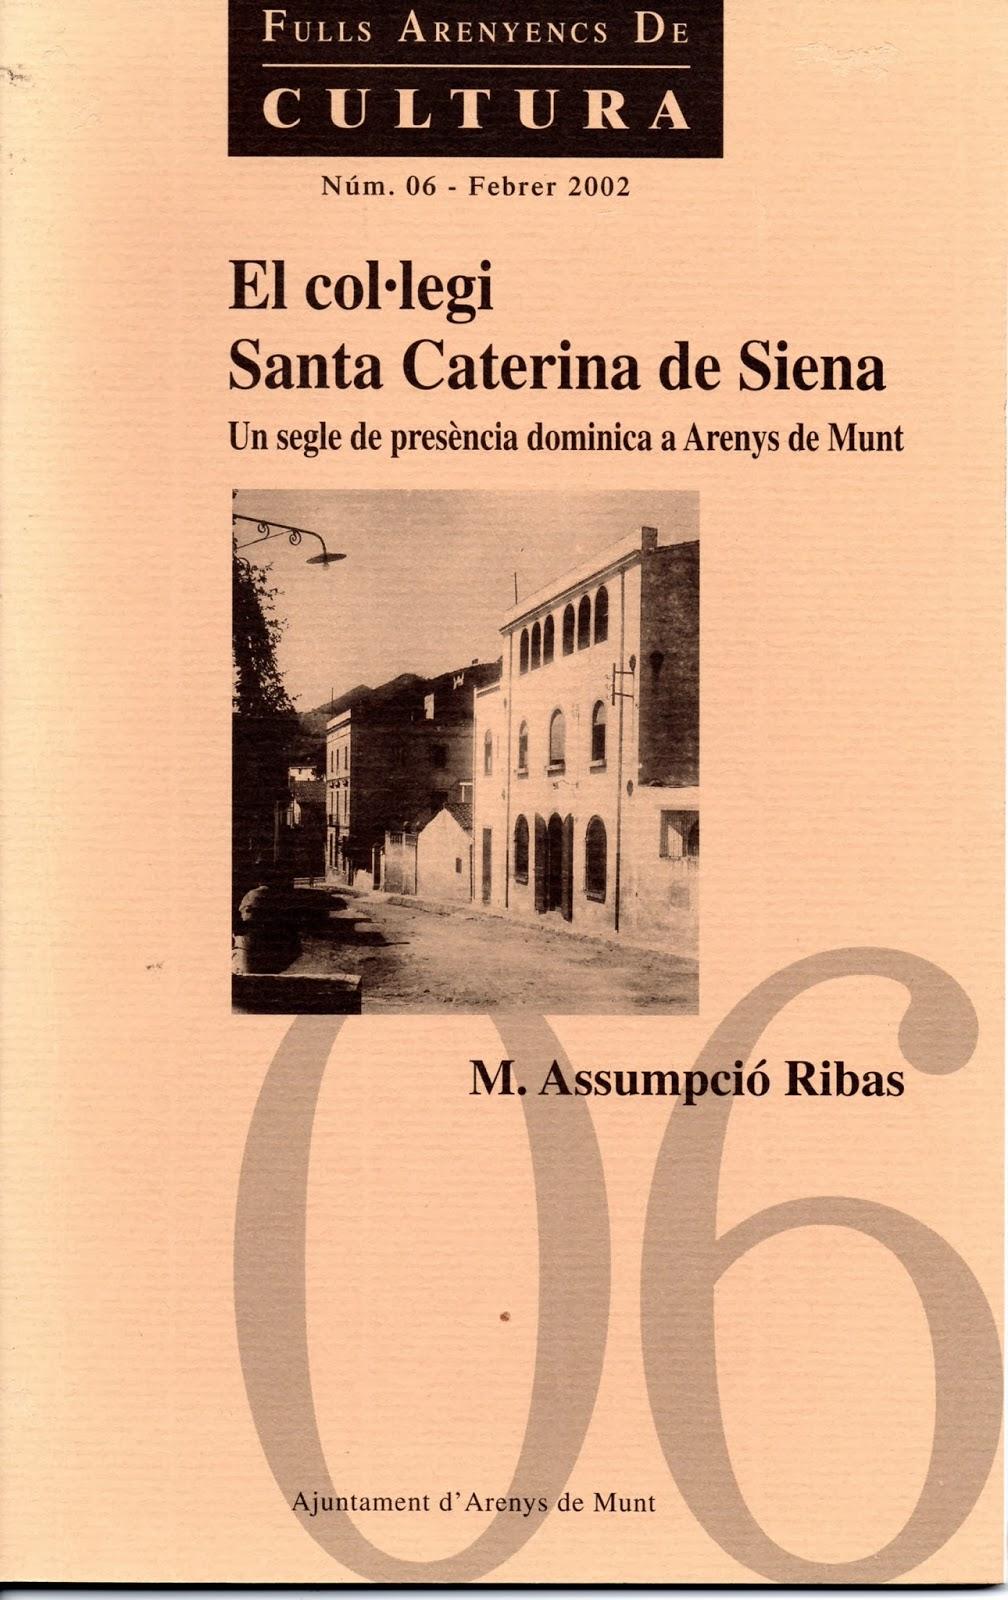 Col·legi de Santa Caterina de Siena